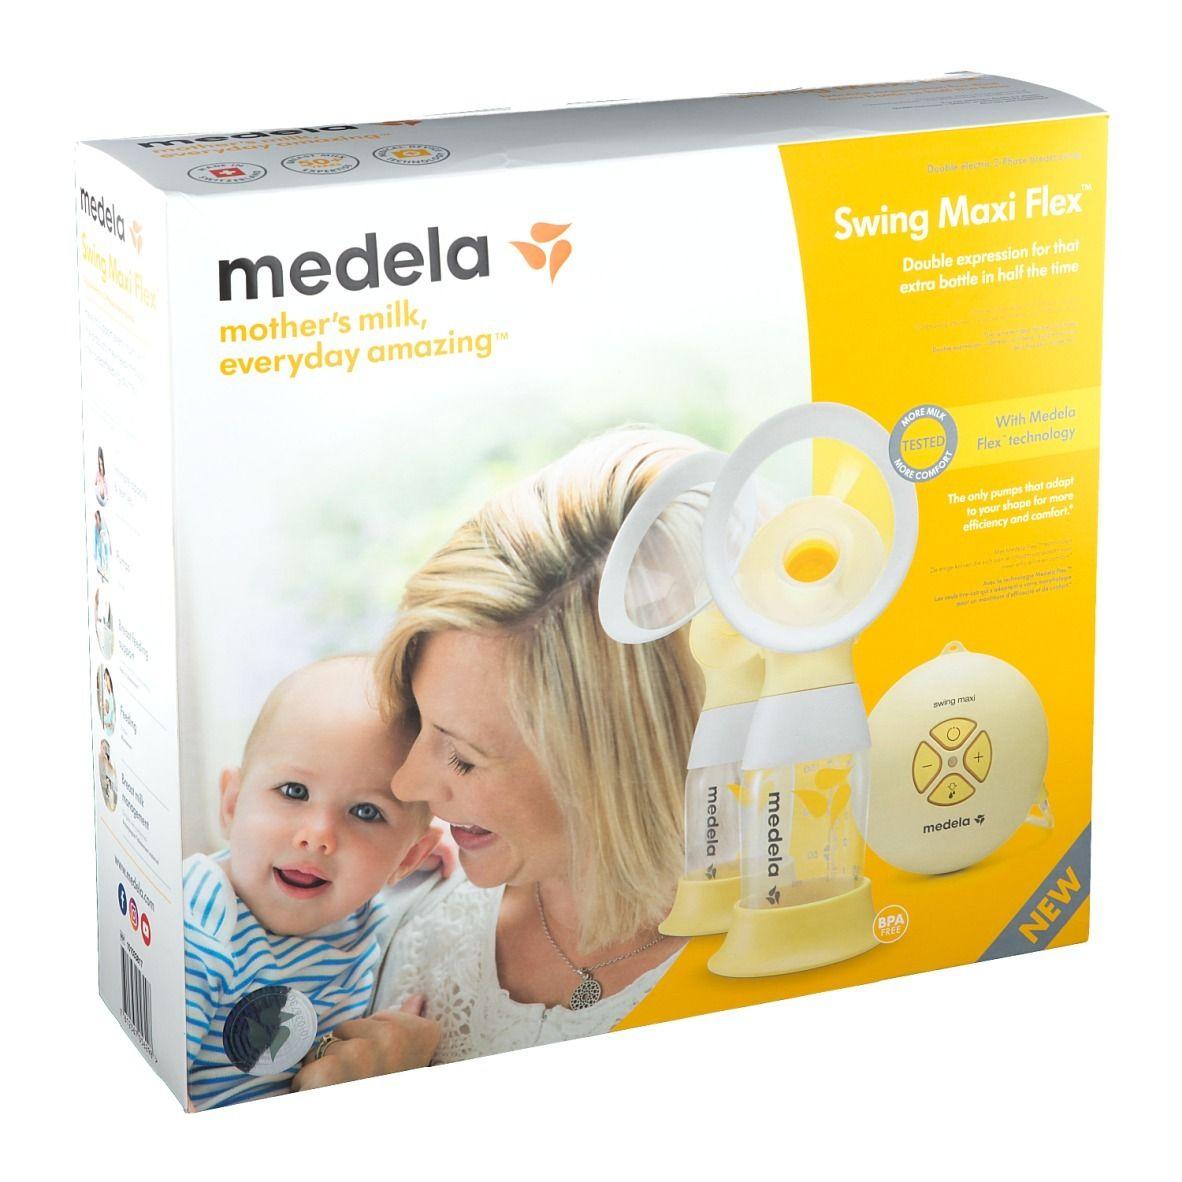 Medela Swing Maxi Flex™ Tire-lait électrique double